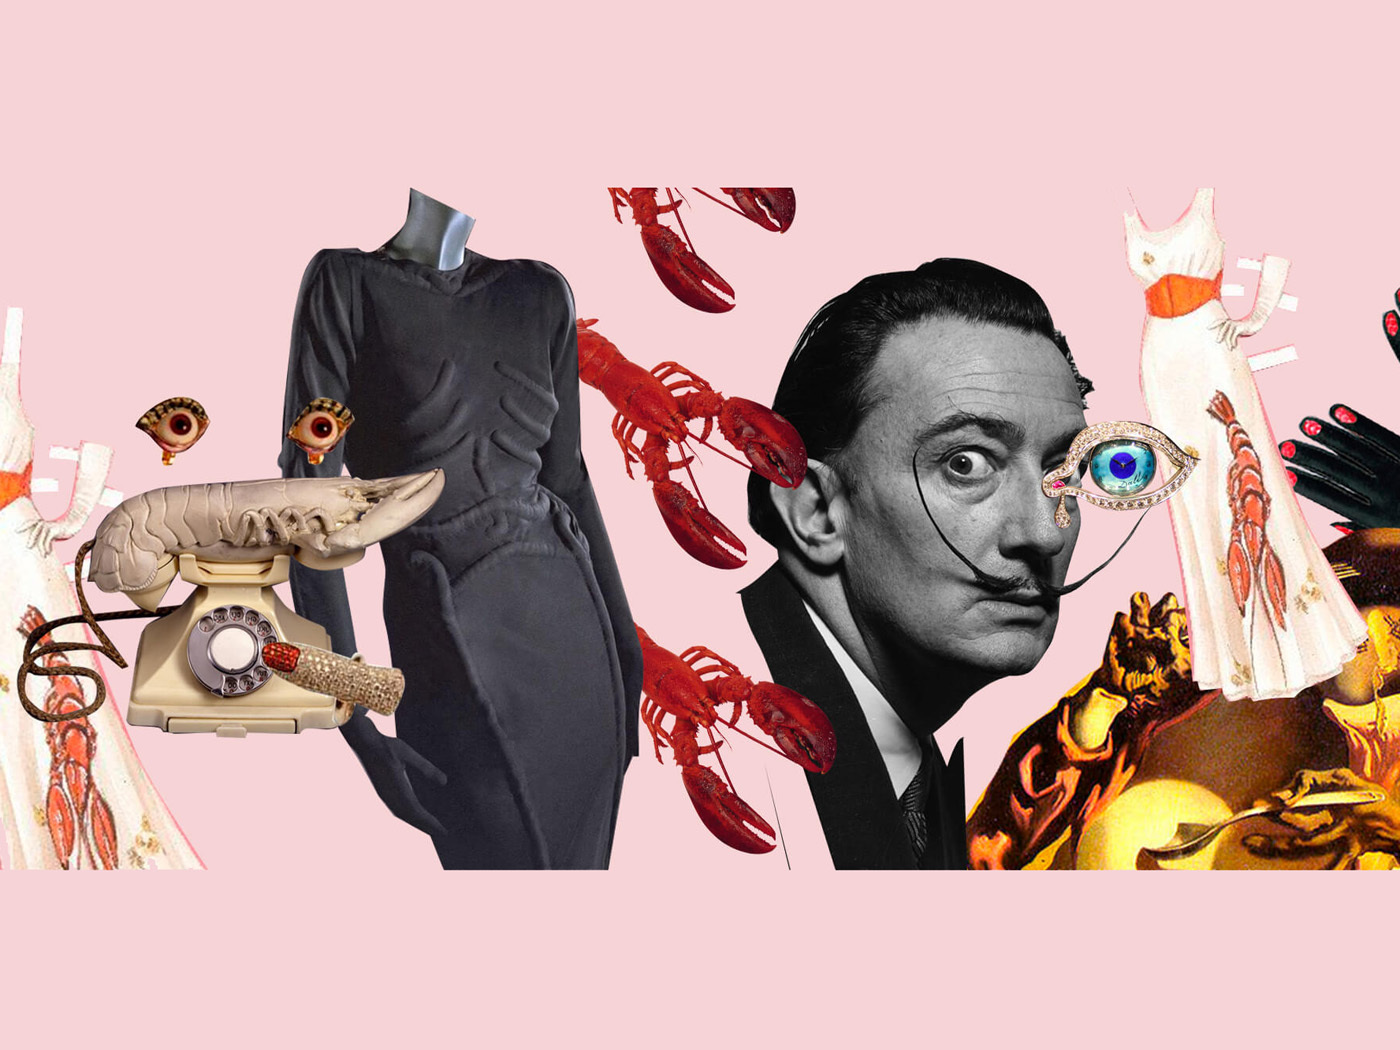 Сюрреалізм на практиці: 7 модних ідей Сальвадора Далі та Ельзи Скіапареллі